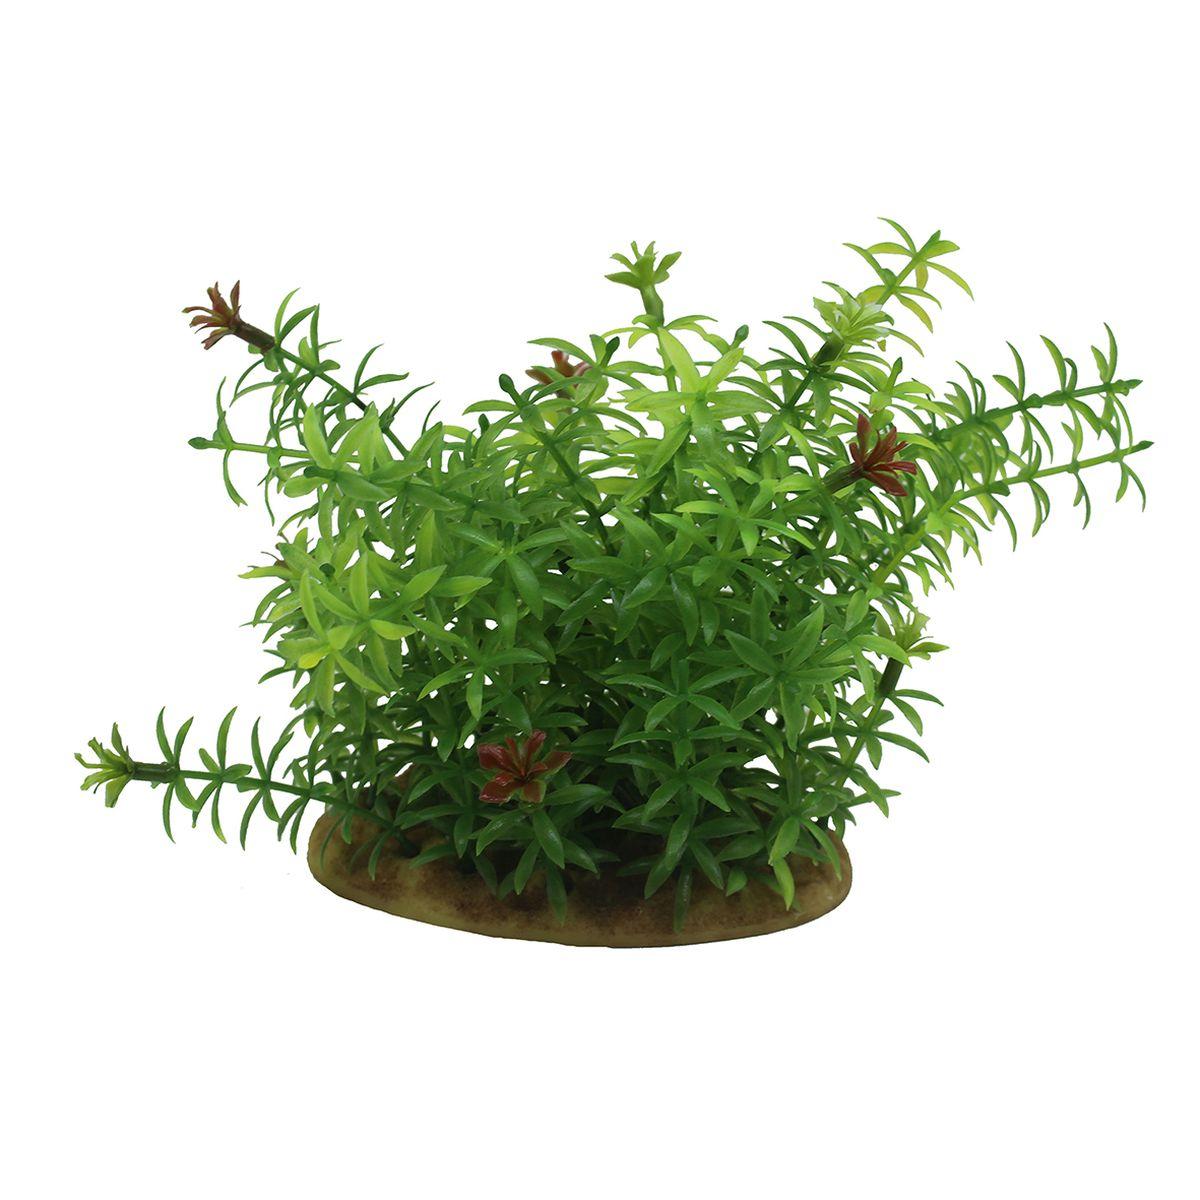 Растение для аквариума ArtUniq Элодея, высота 15 смART-1160101Растение для аквариума ArtUniq Элодея, высота 15 см